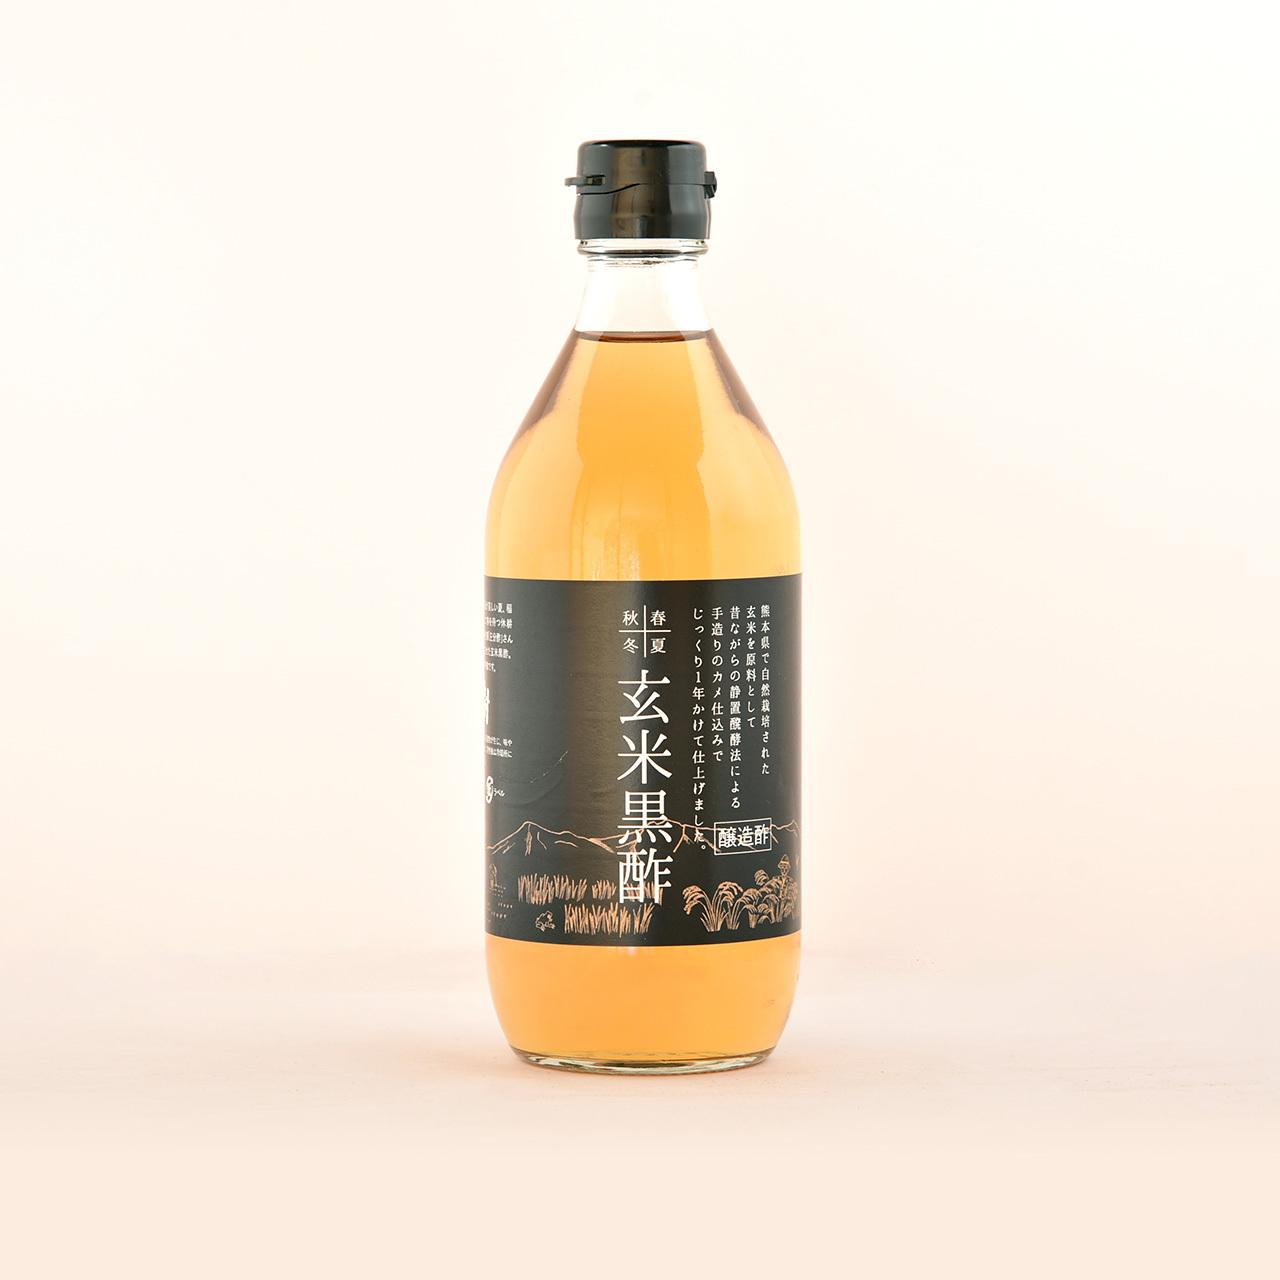 自然派調味料セット~なま醤油・玄米黒酢・純米酢